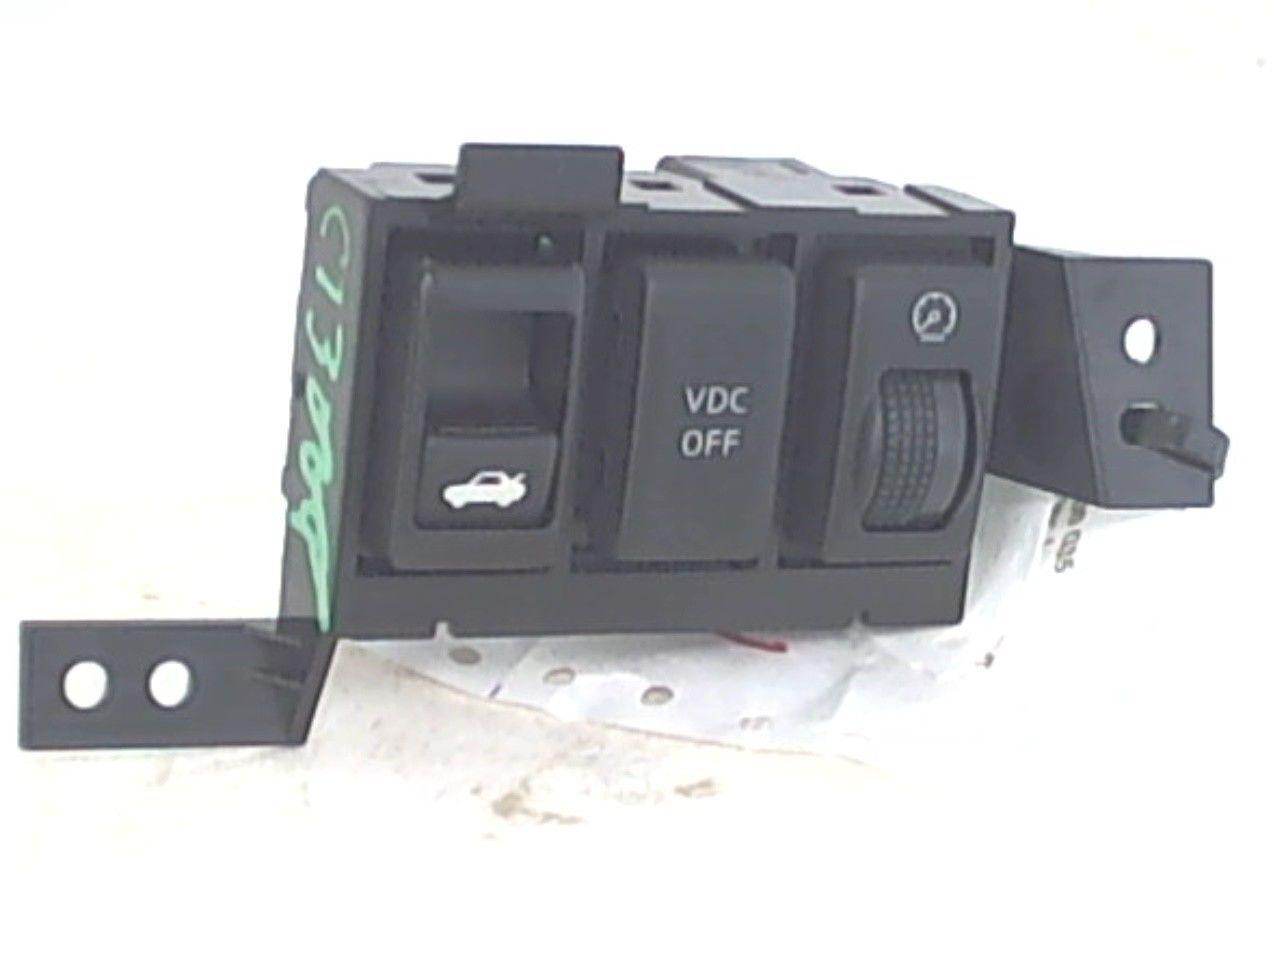 INFINITI EX35 OEM REAR POWER WINDOW SWITCH 08 09 10 11 12